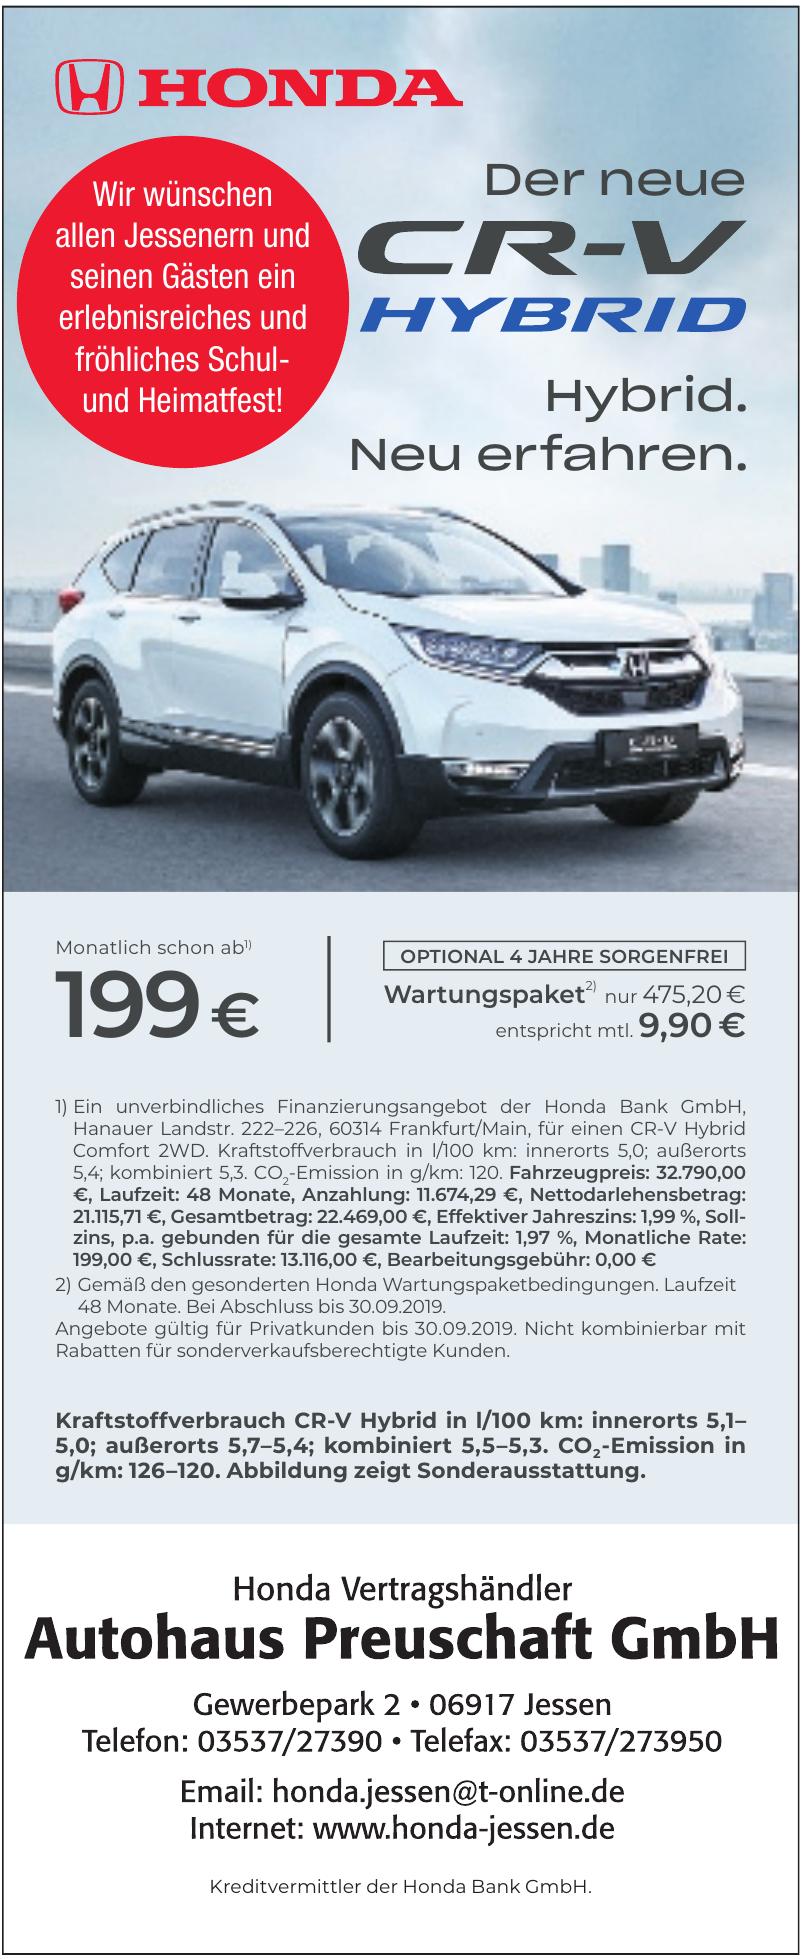 Autohaus Preuschaft GmbH